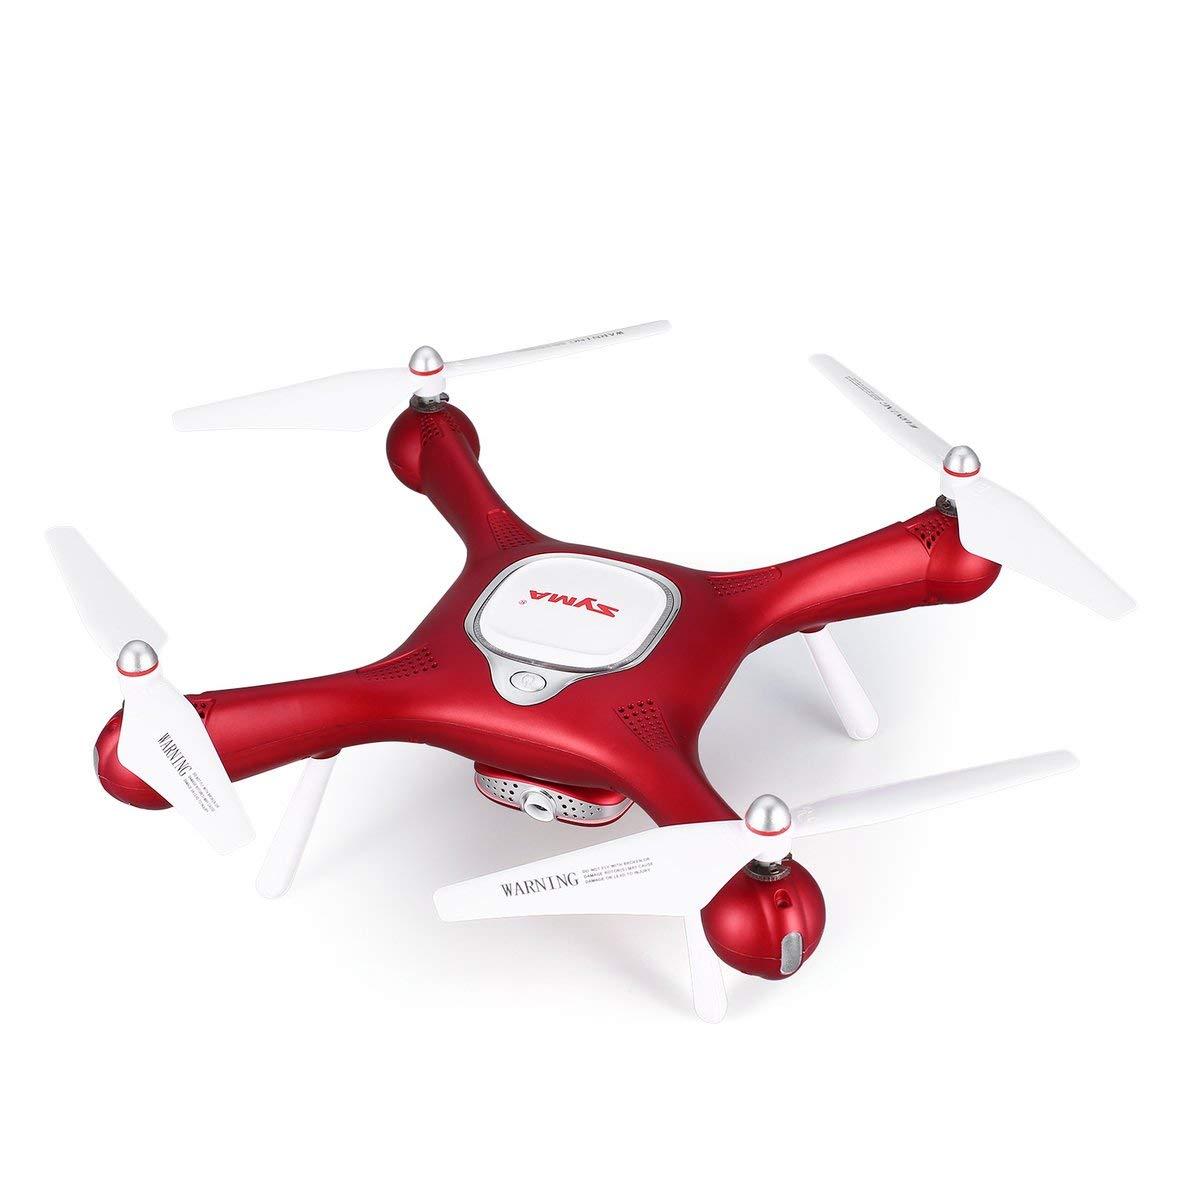 ToGames Syma X25W Auto Take Off / Einstellbare Landung 720 P Kamera FPV Drone Höhe Halten Optischer Fluss Positionierung RC Quadcopter